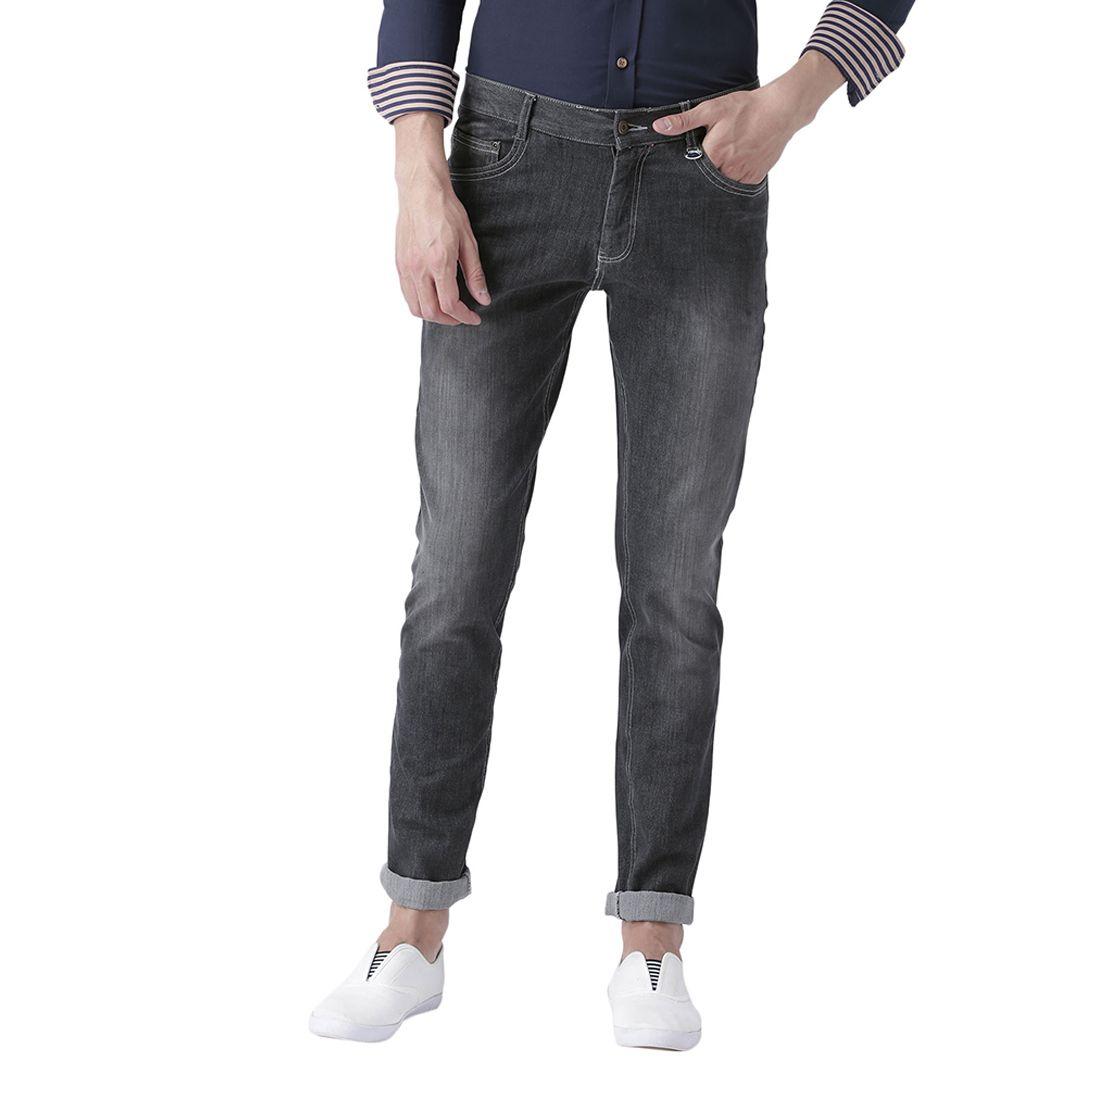 JUMPUSA Black Regular Fit Jeans